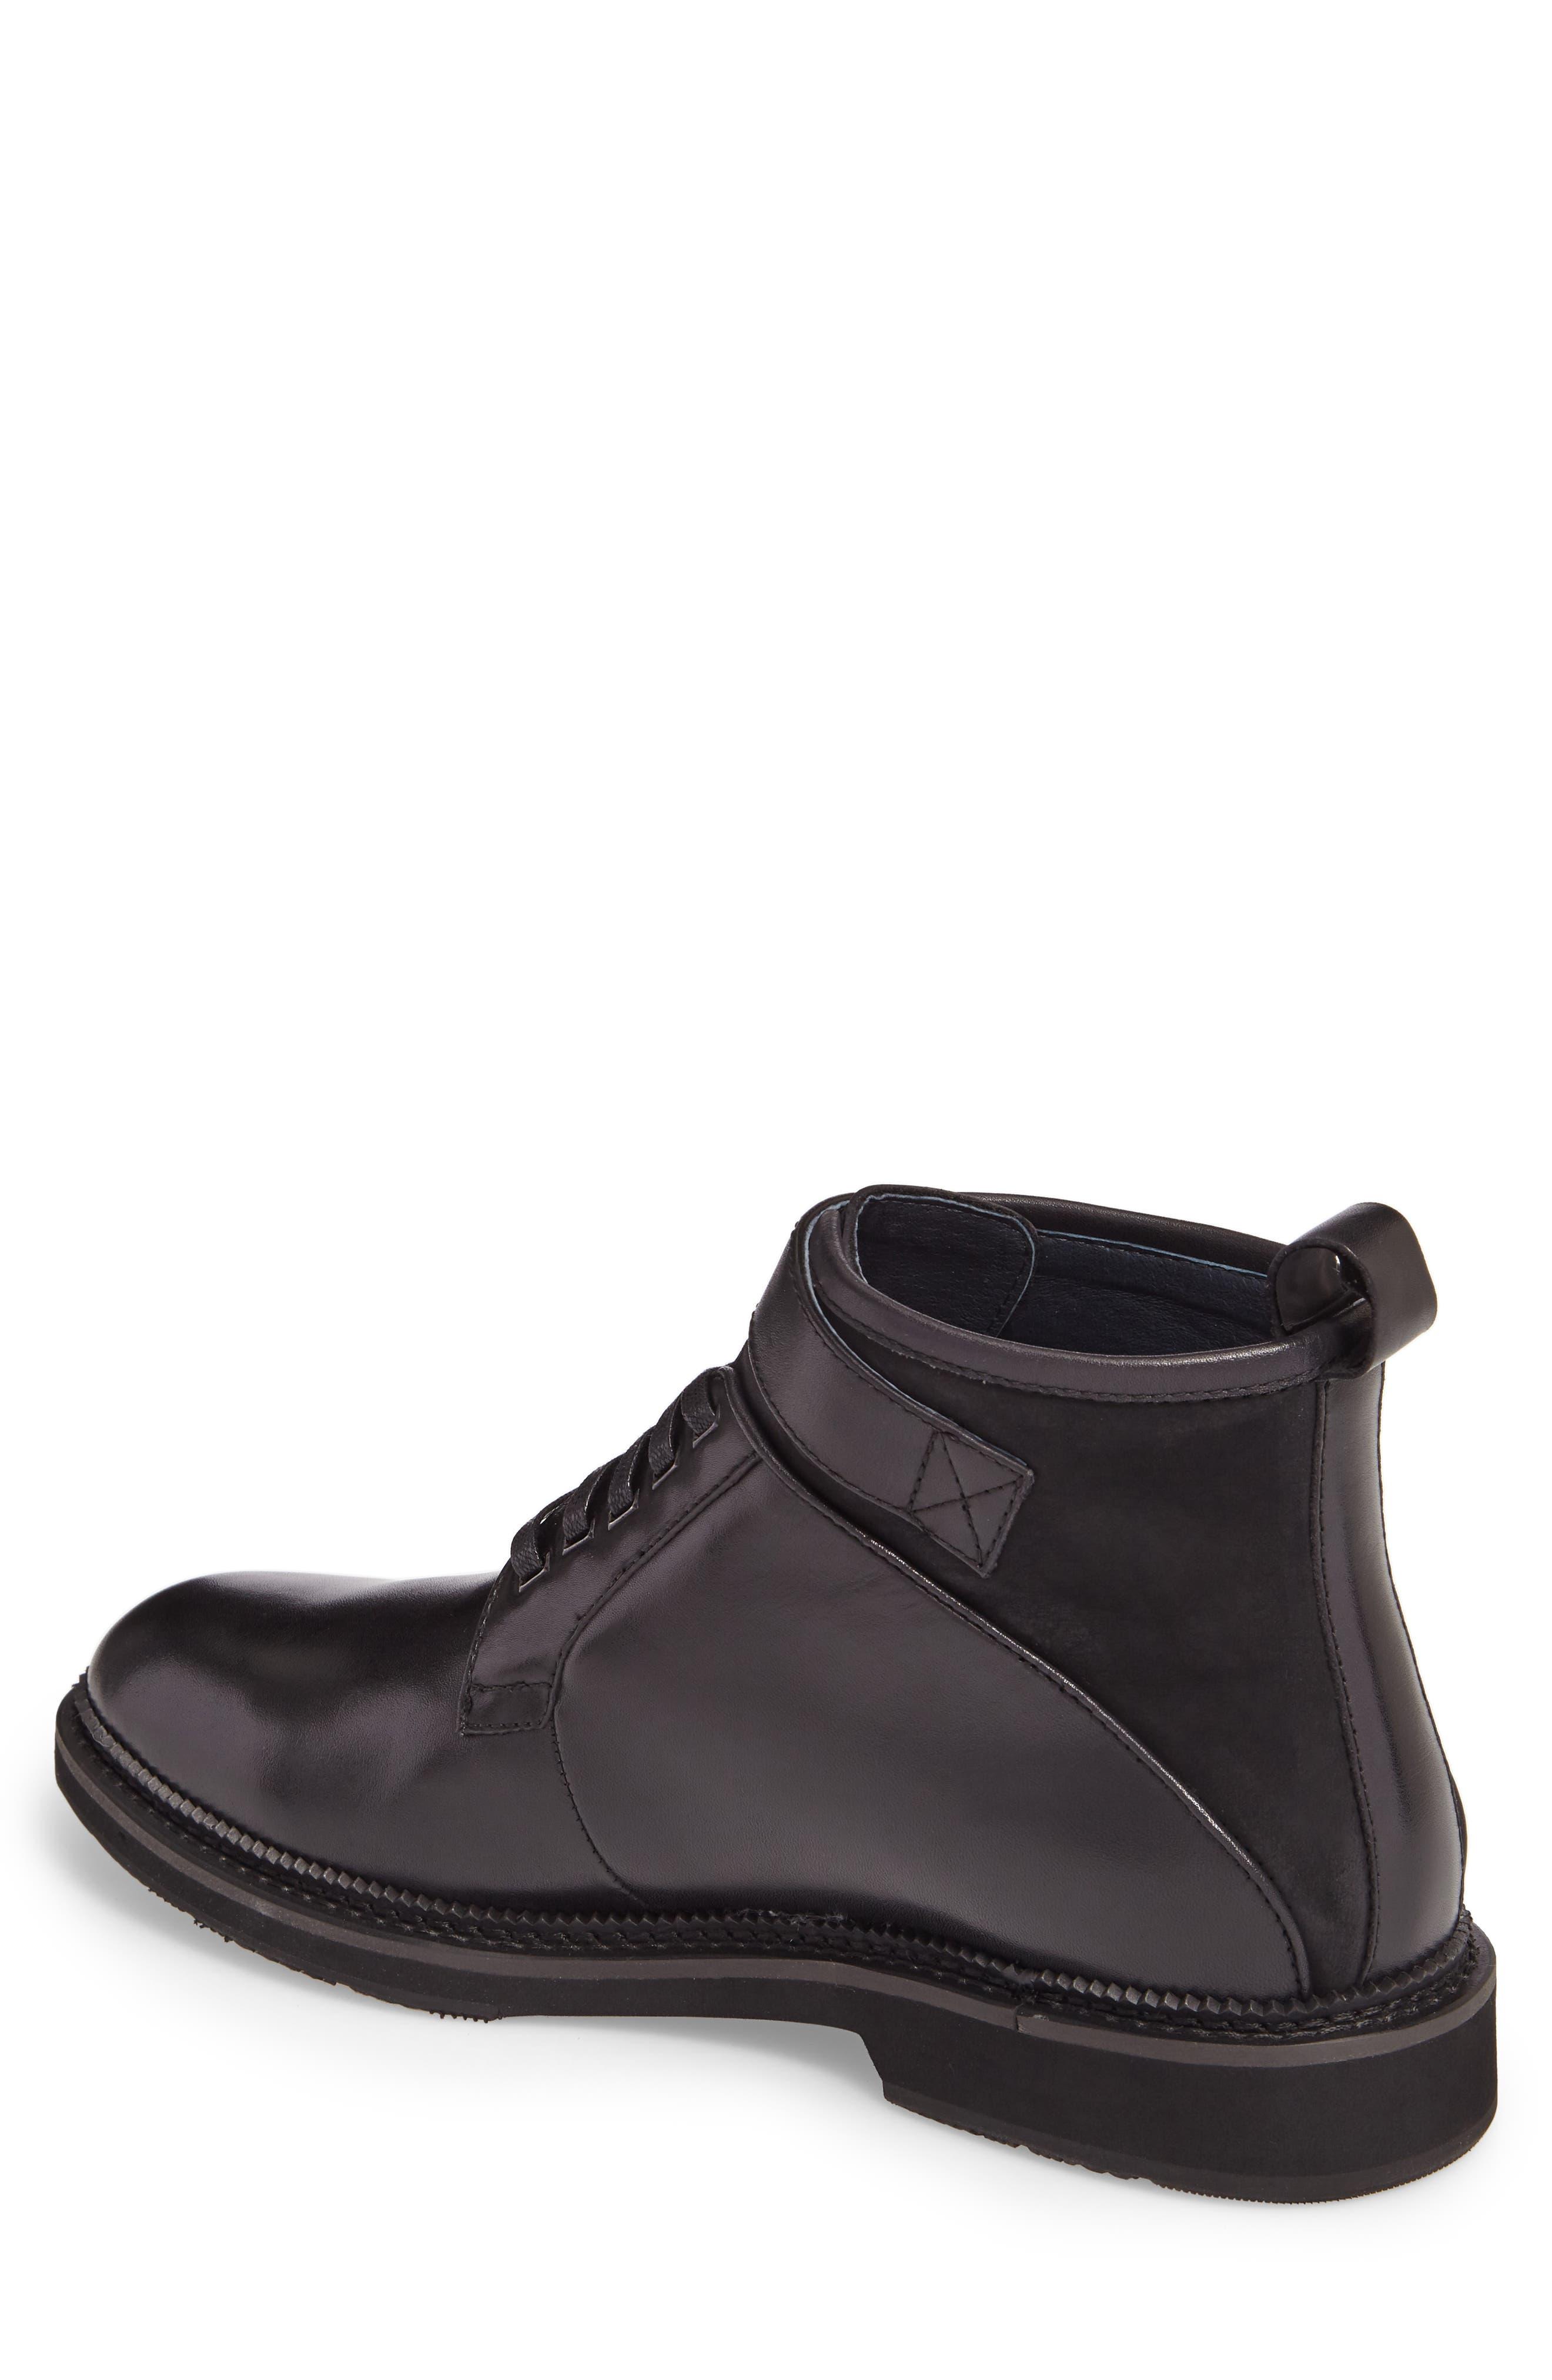 Alternate Image 2  - Zanzara Ginko Plain Toe Boot (Men)